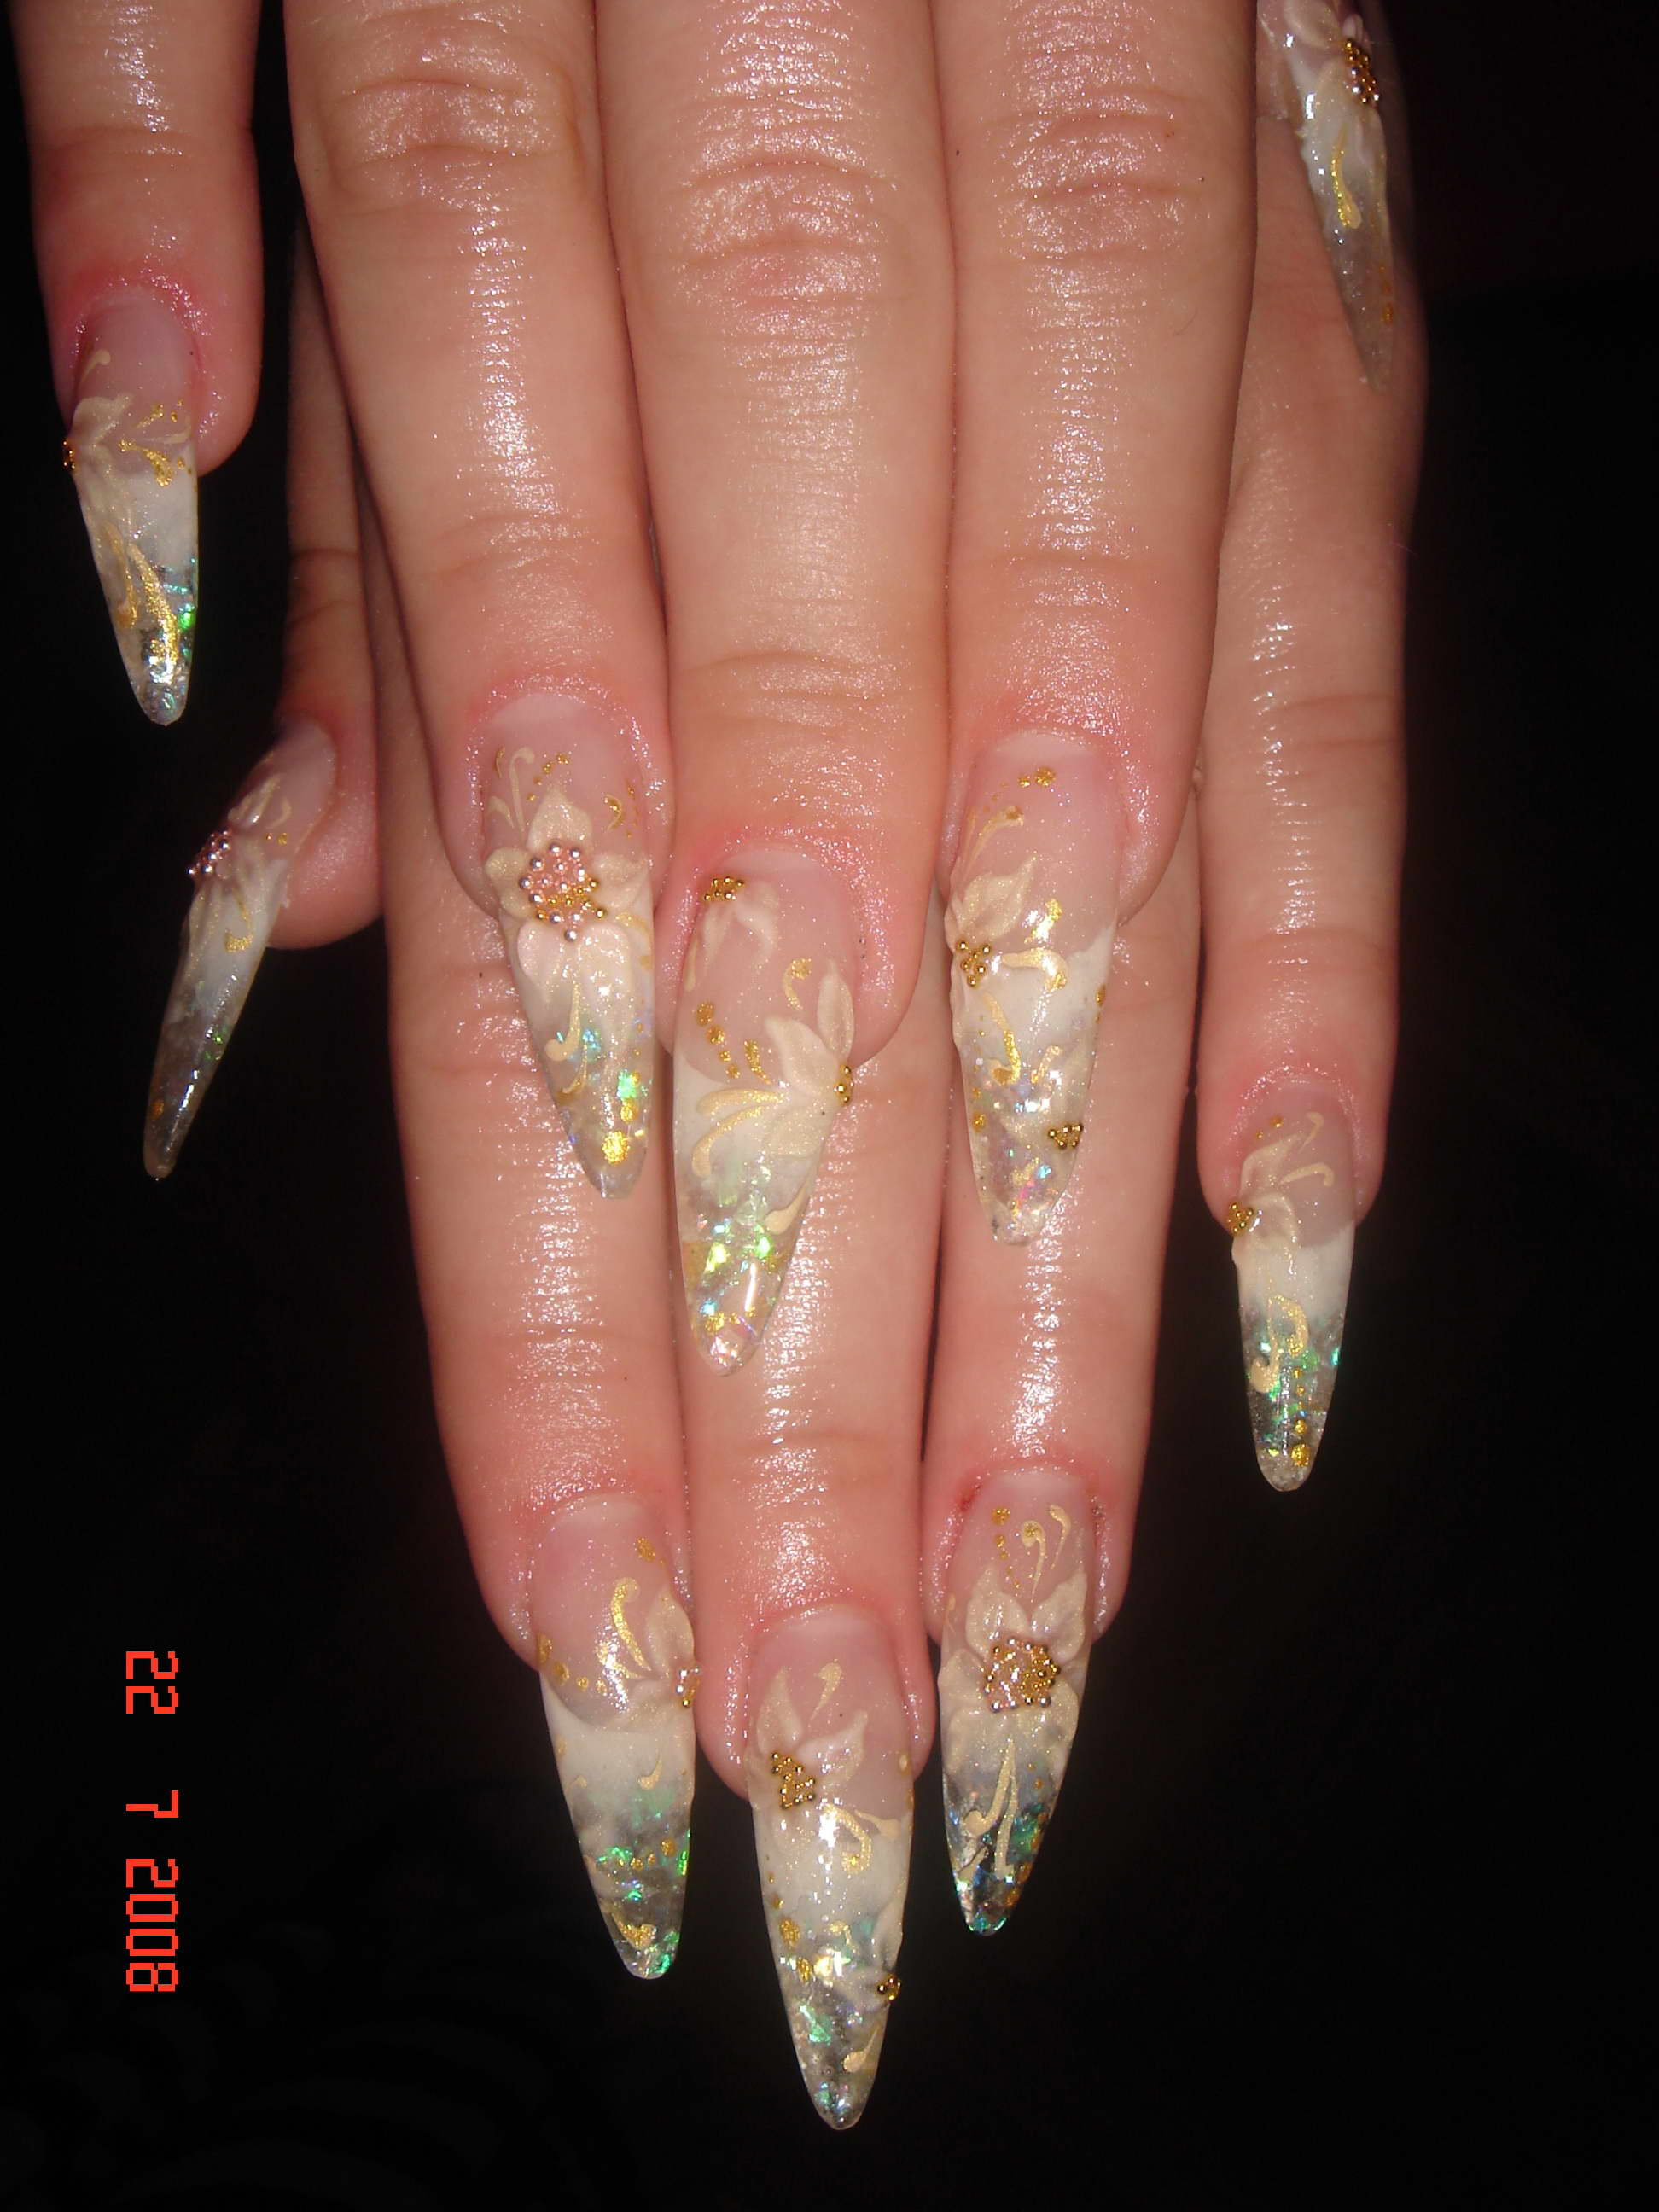 Фото по наращиванию ногтей в контакте